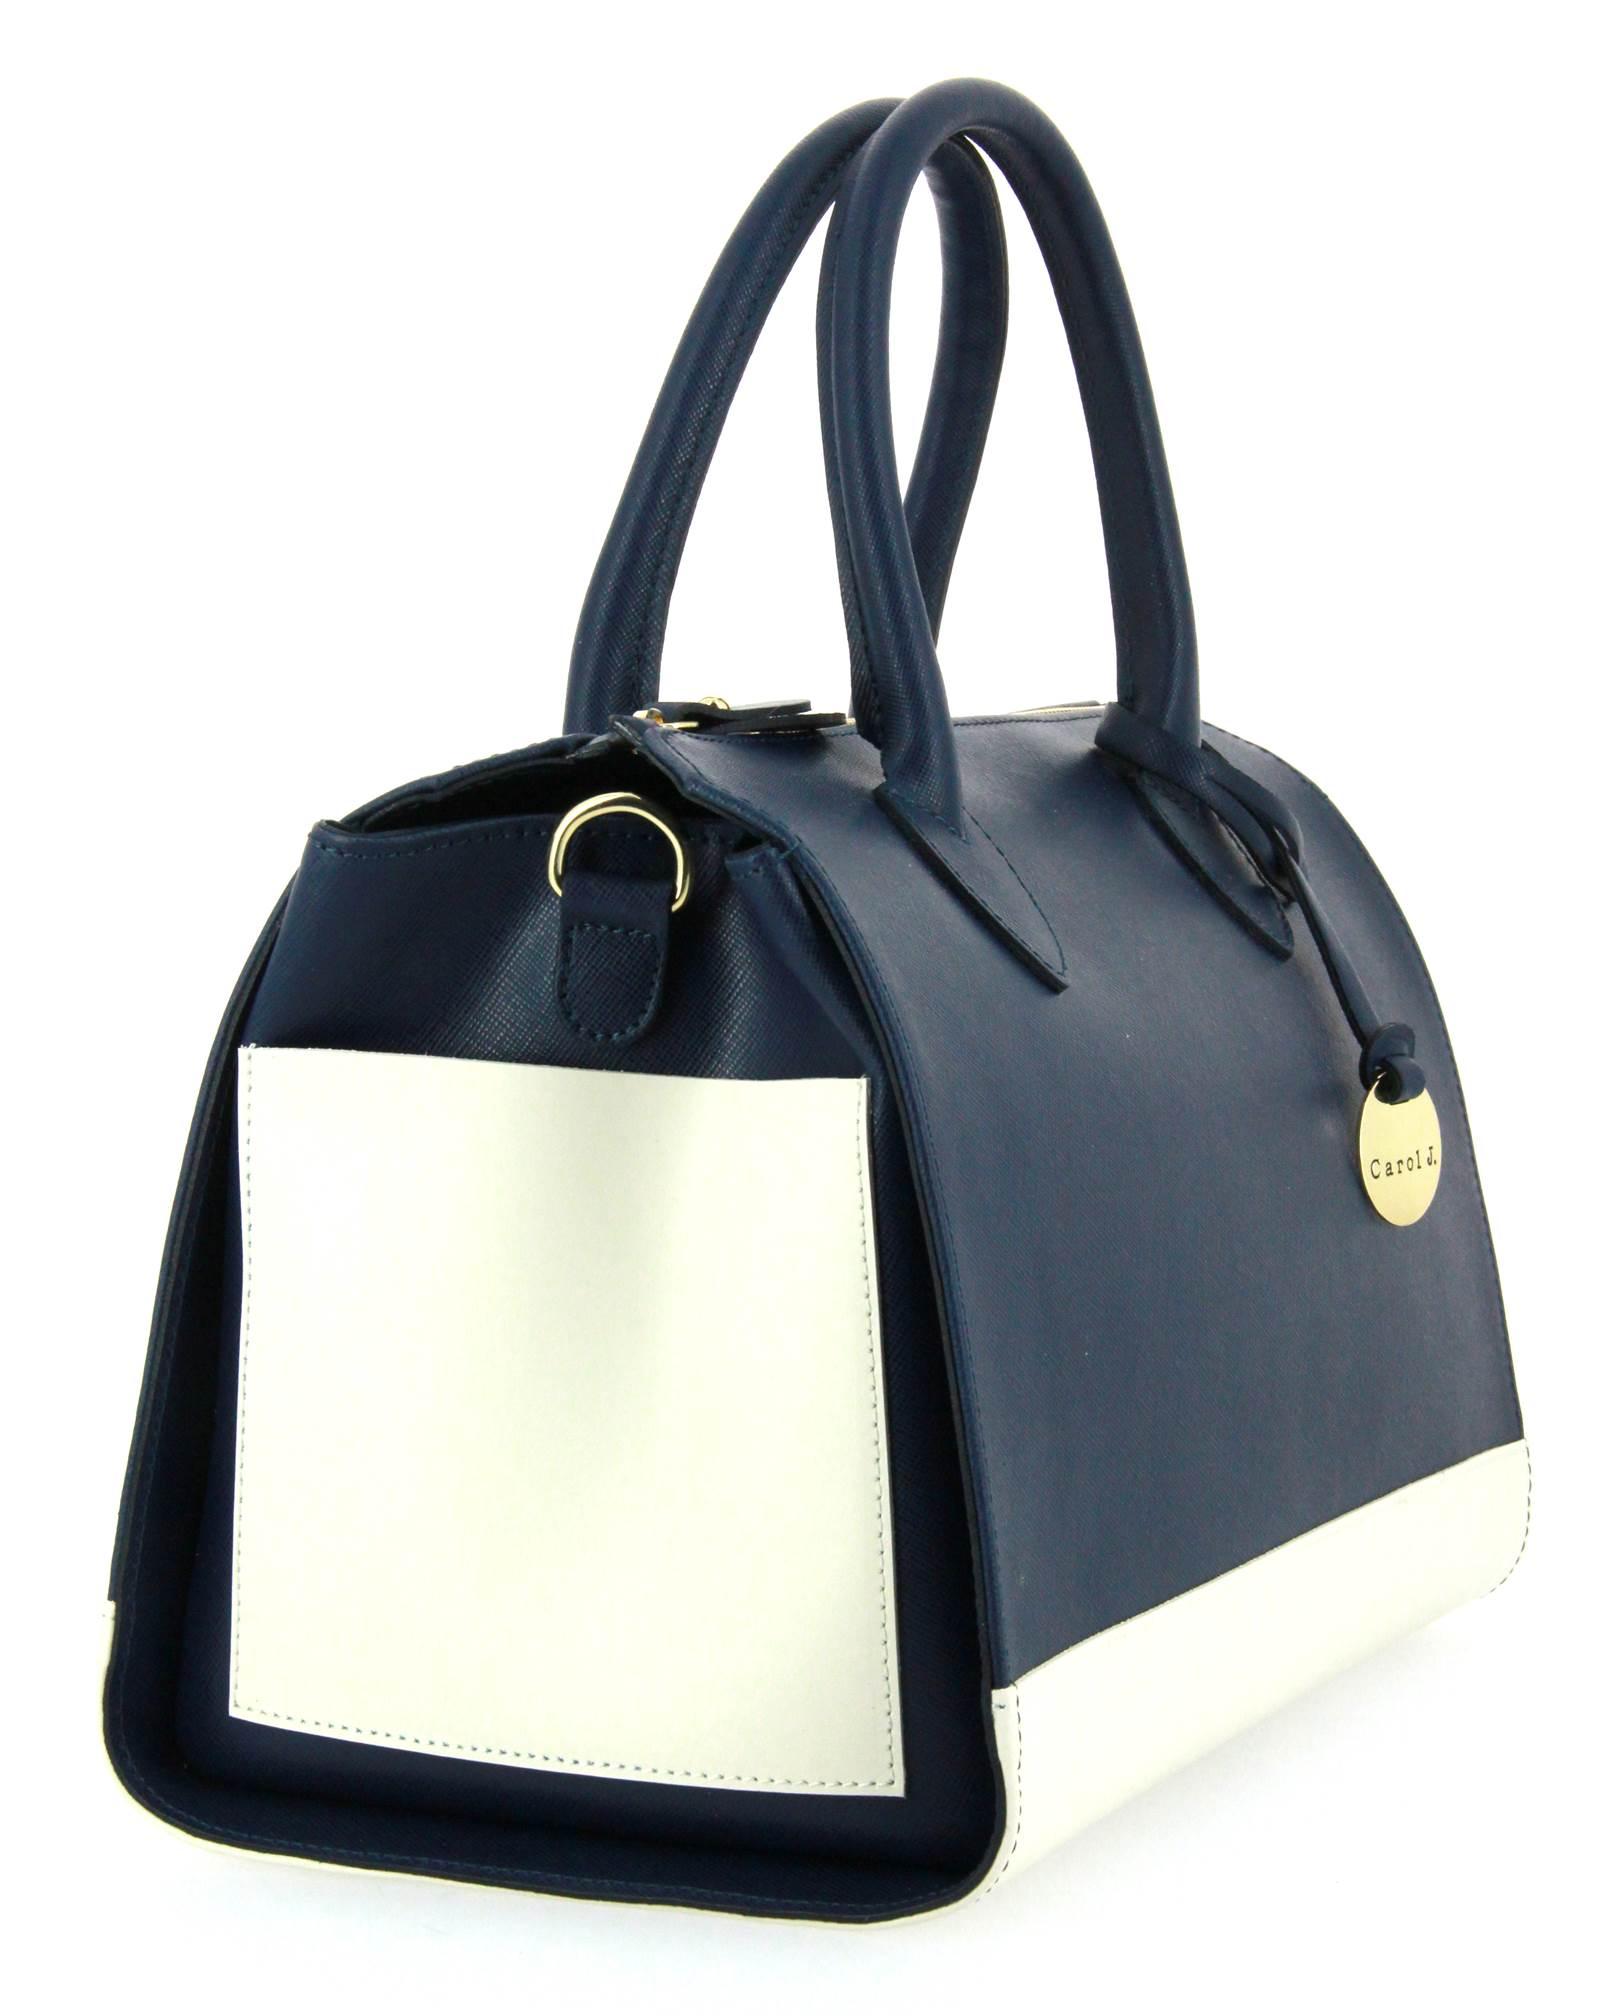 Carol J. handbag SAFFIANO BLUE BIANCO